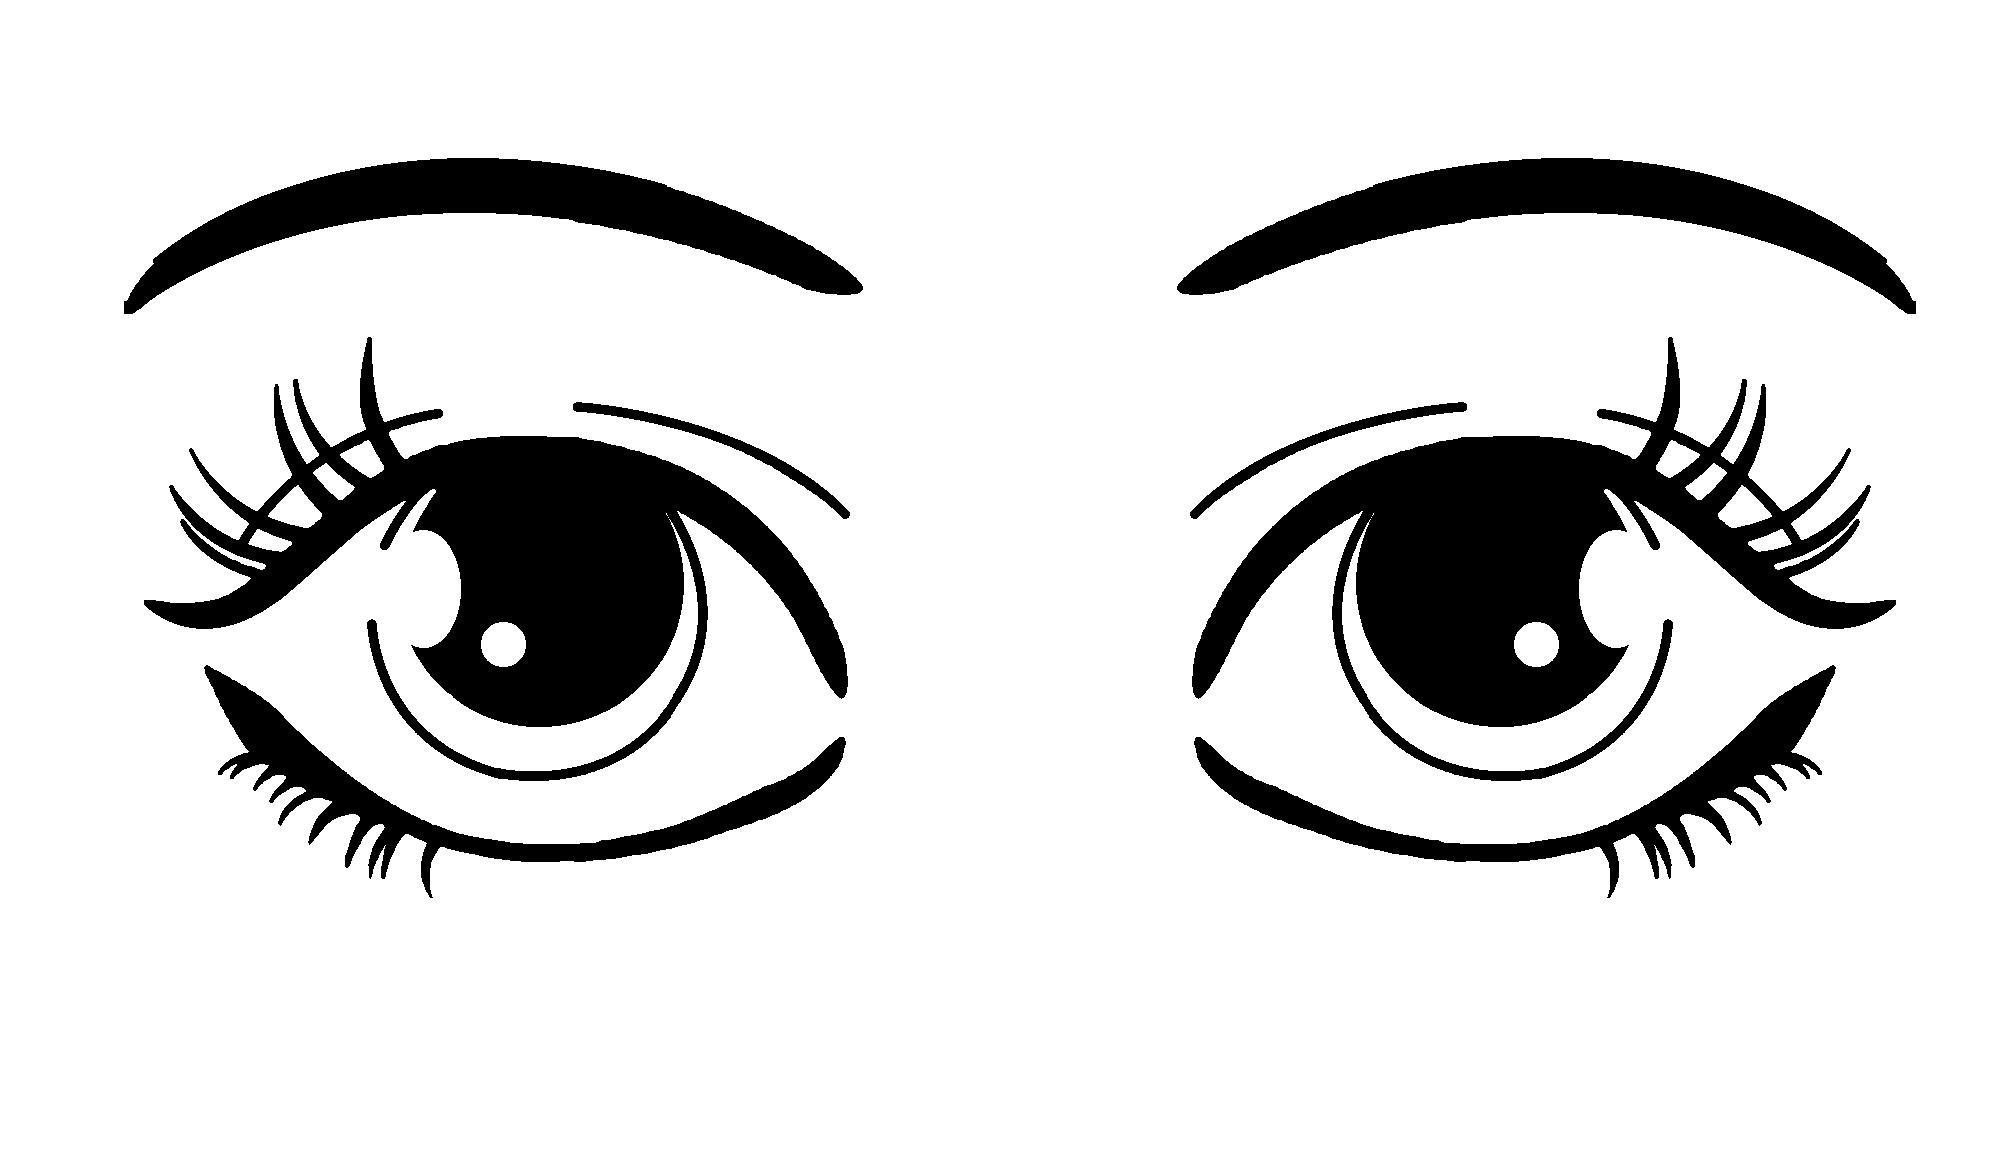 Csrtoon Eyes